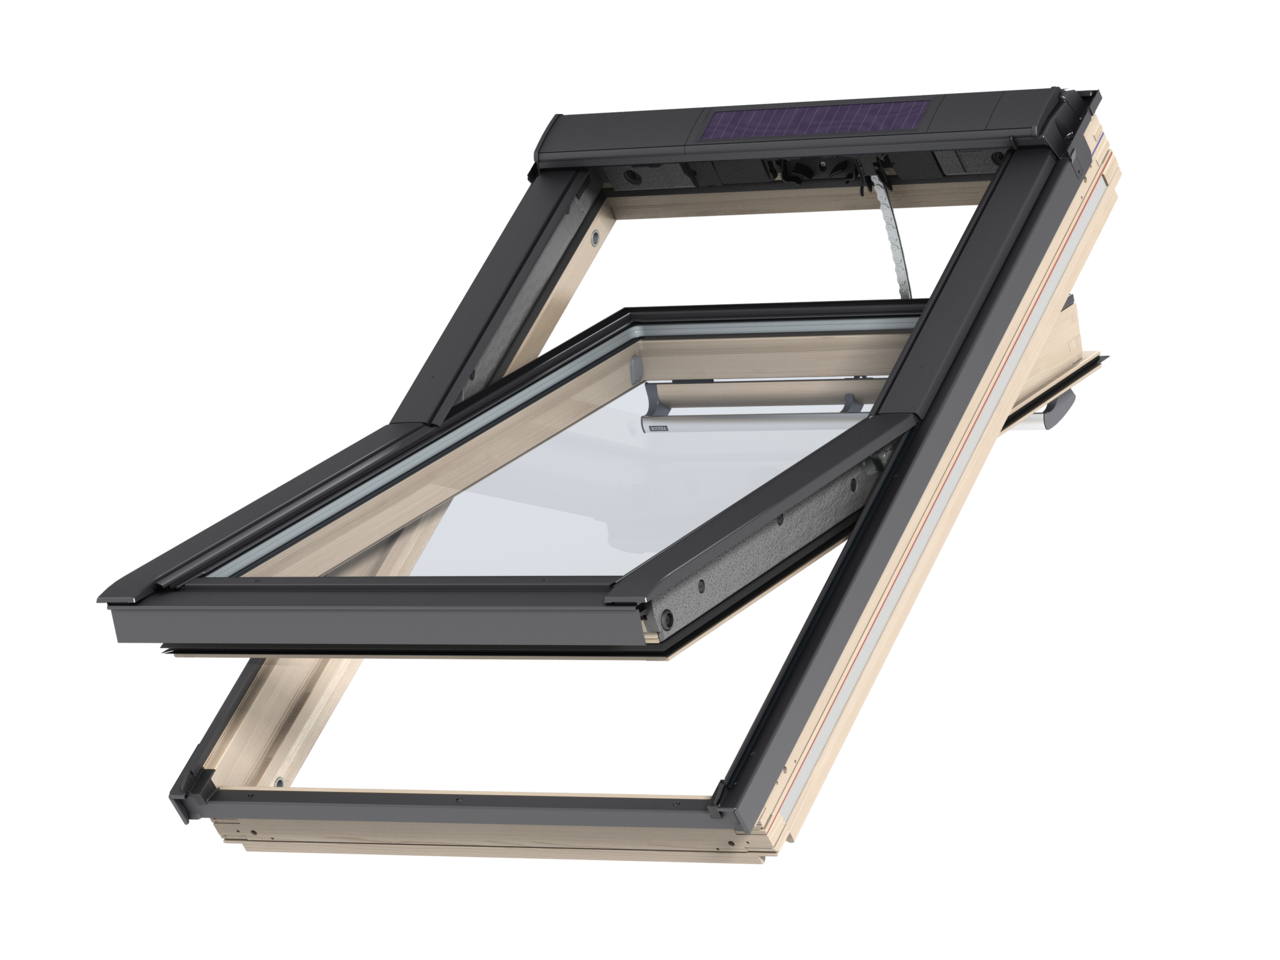 VELUX Elektricky ovládané okno GGL 306630 Solar rozměr: CK02 55x78 cm